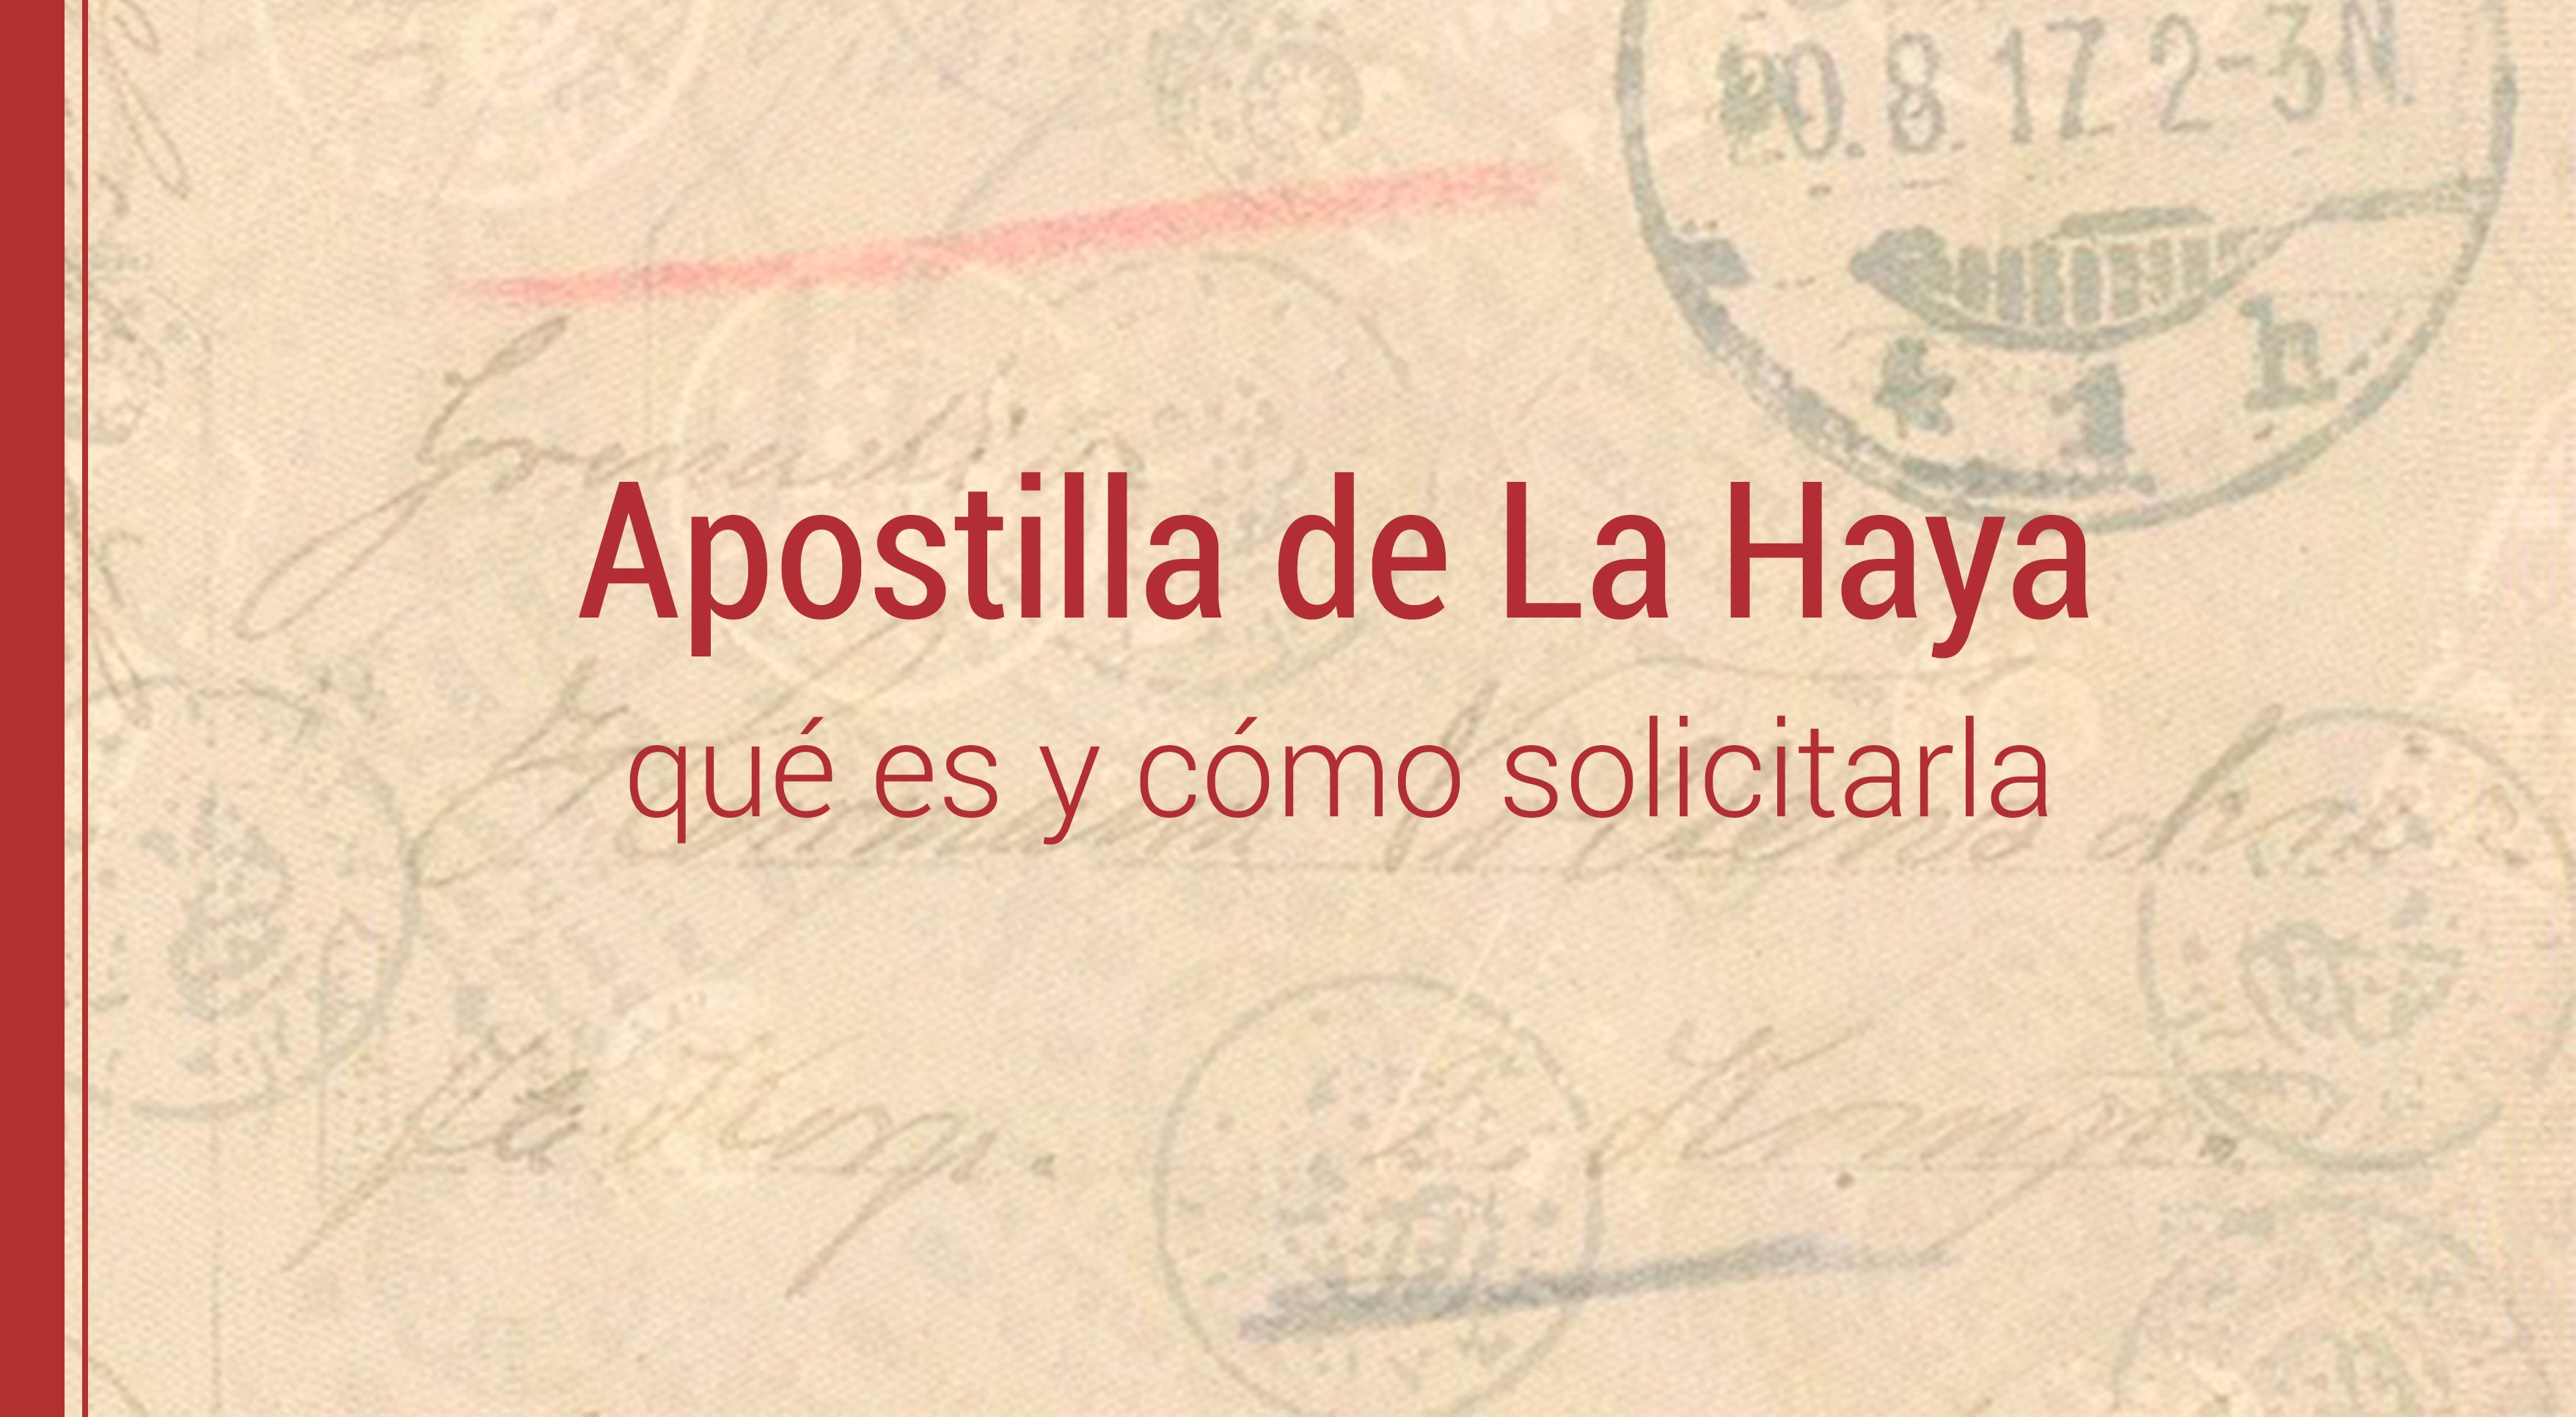 apostilla-de-la-haya-como-solicitarla Apostilla de la Haya: qué es y cómo solicitarla